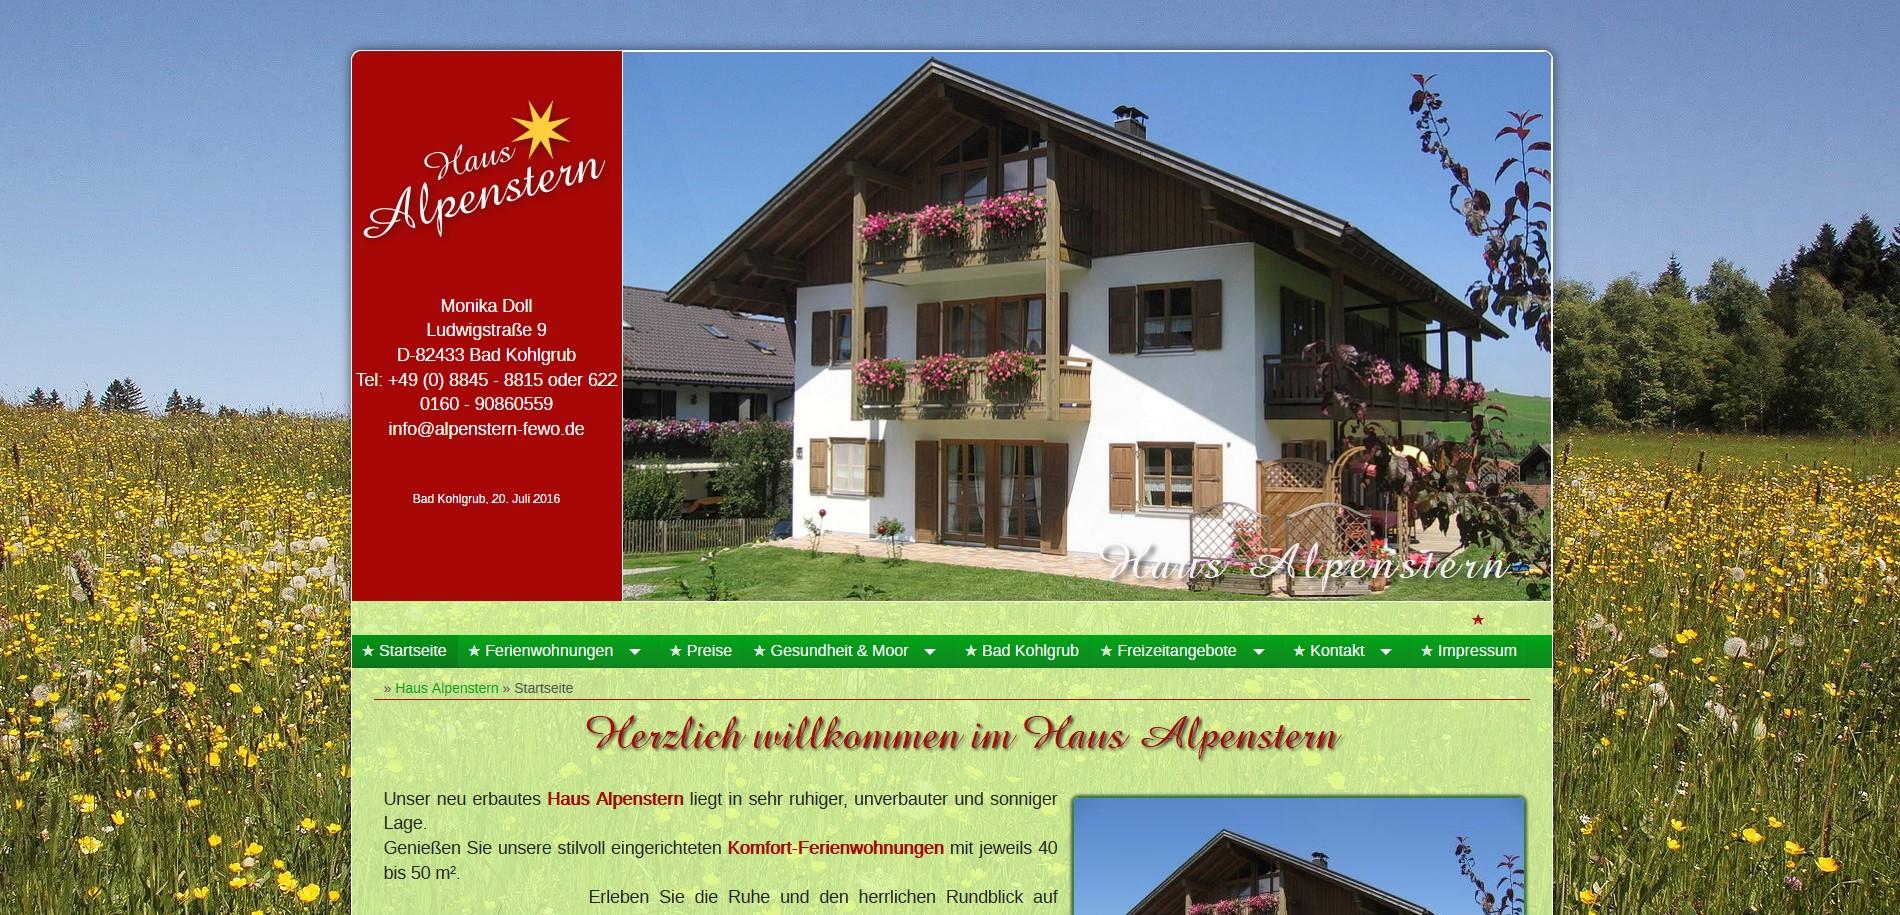 Haus Alpenstern in Bad Kohlgrub